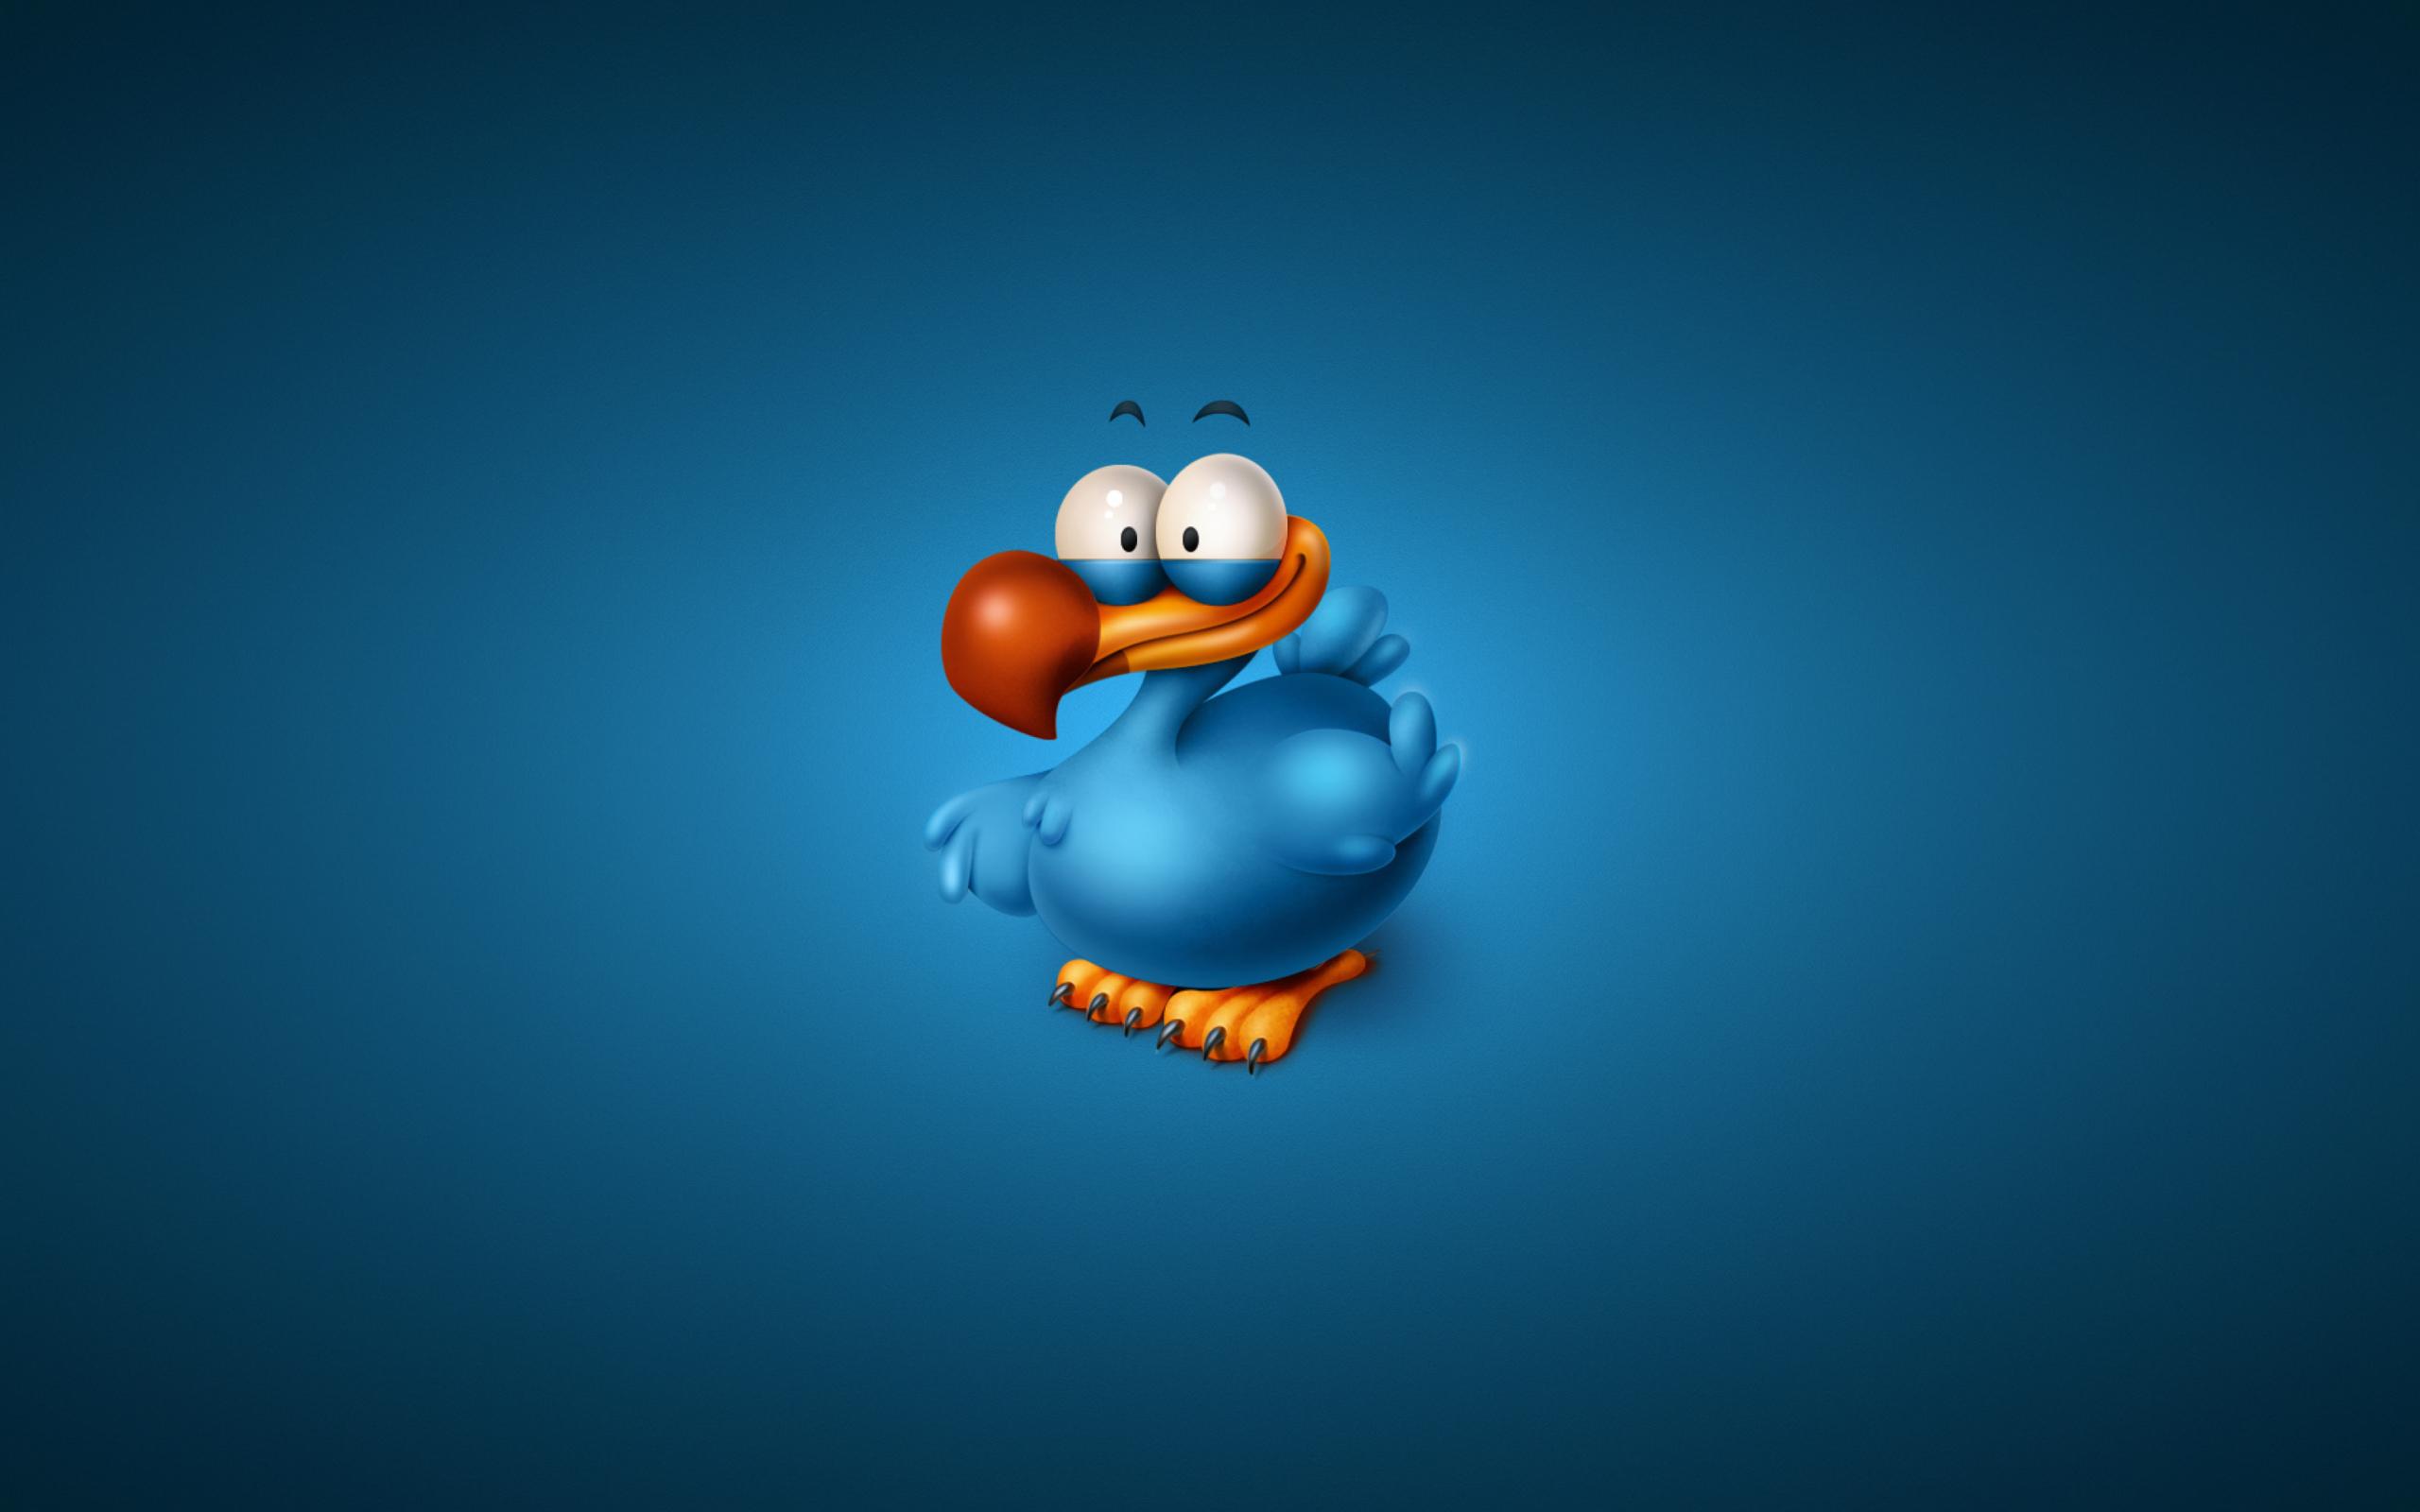 забавная птичка бесплатно